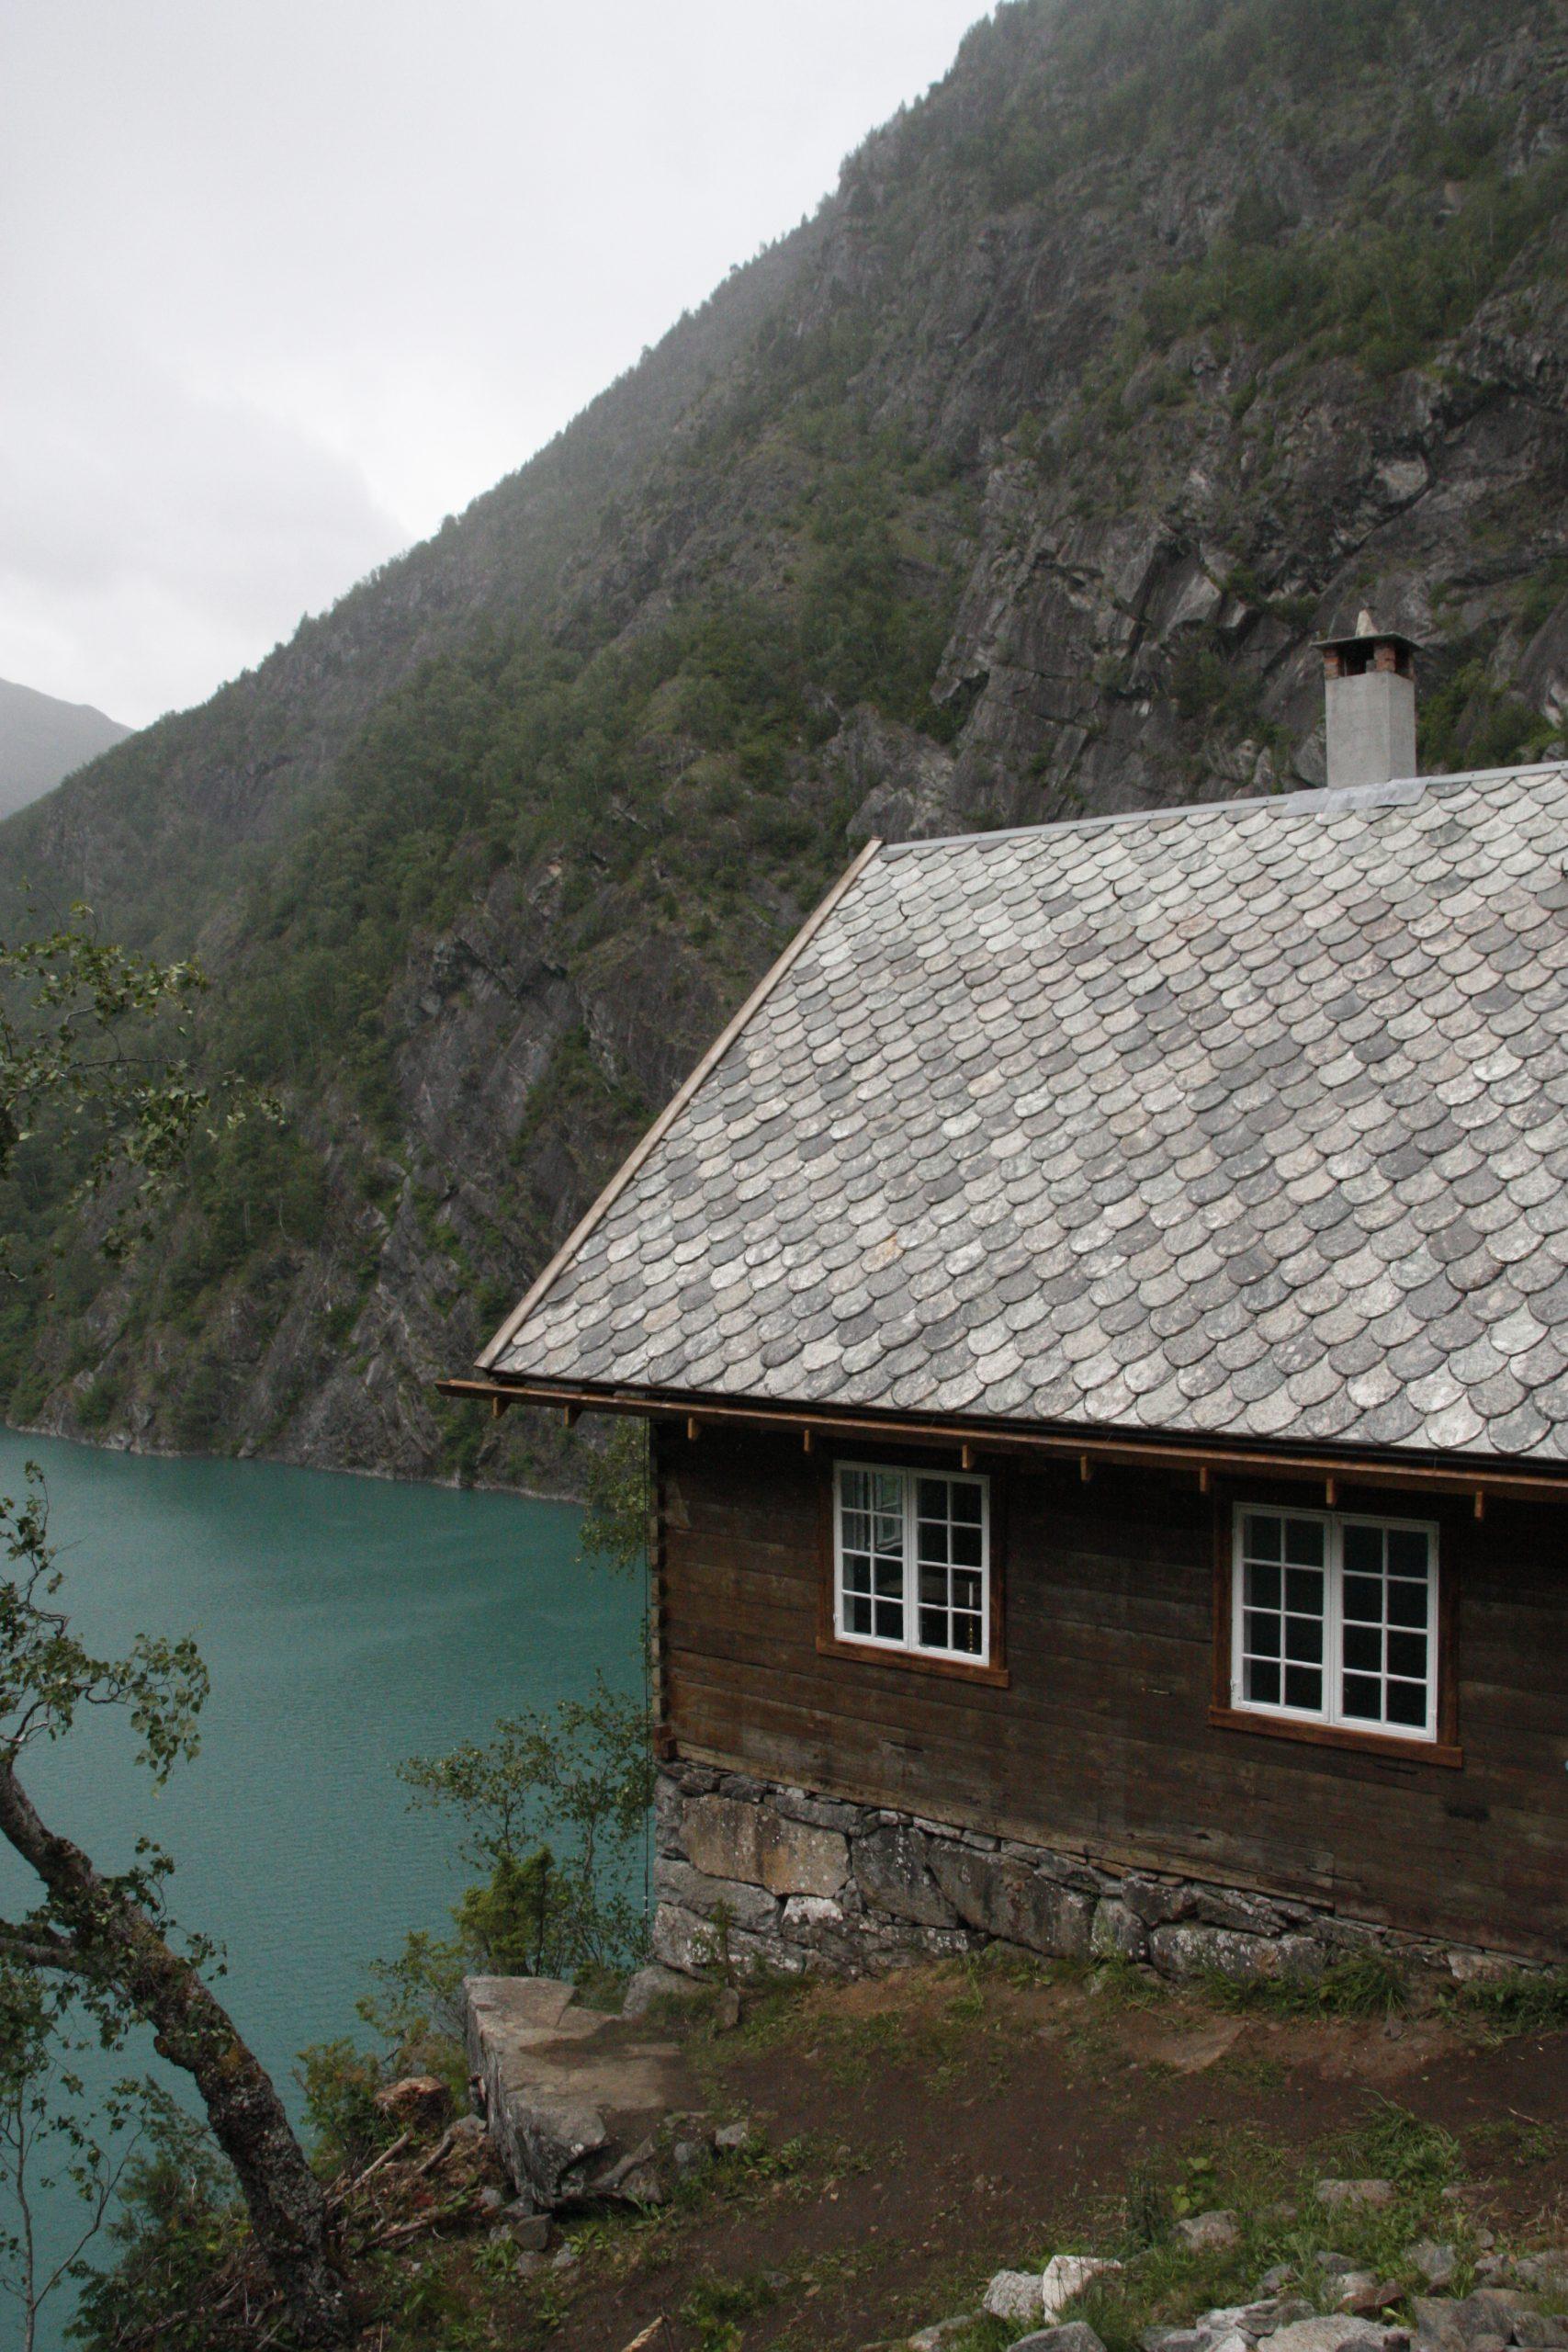 Bilde av Wittgenstein sitt hus med utsikt over fjorden